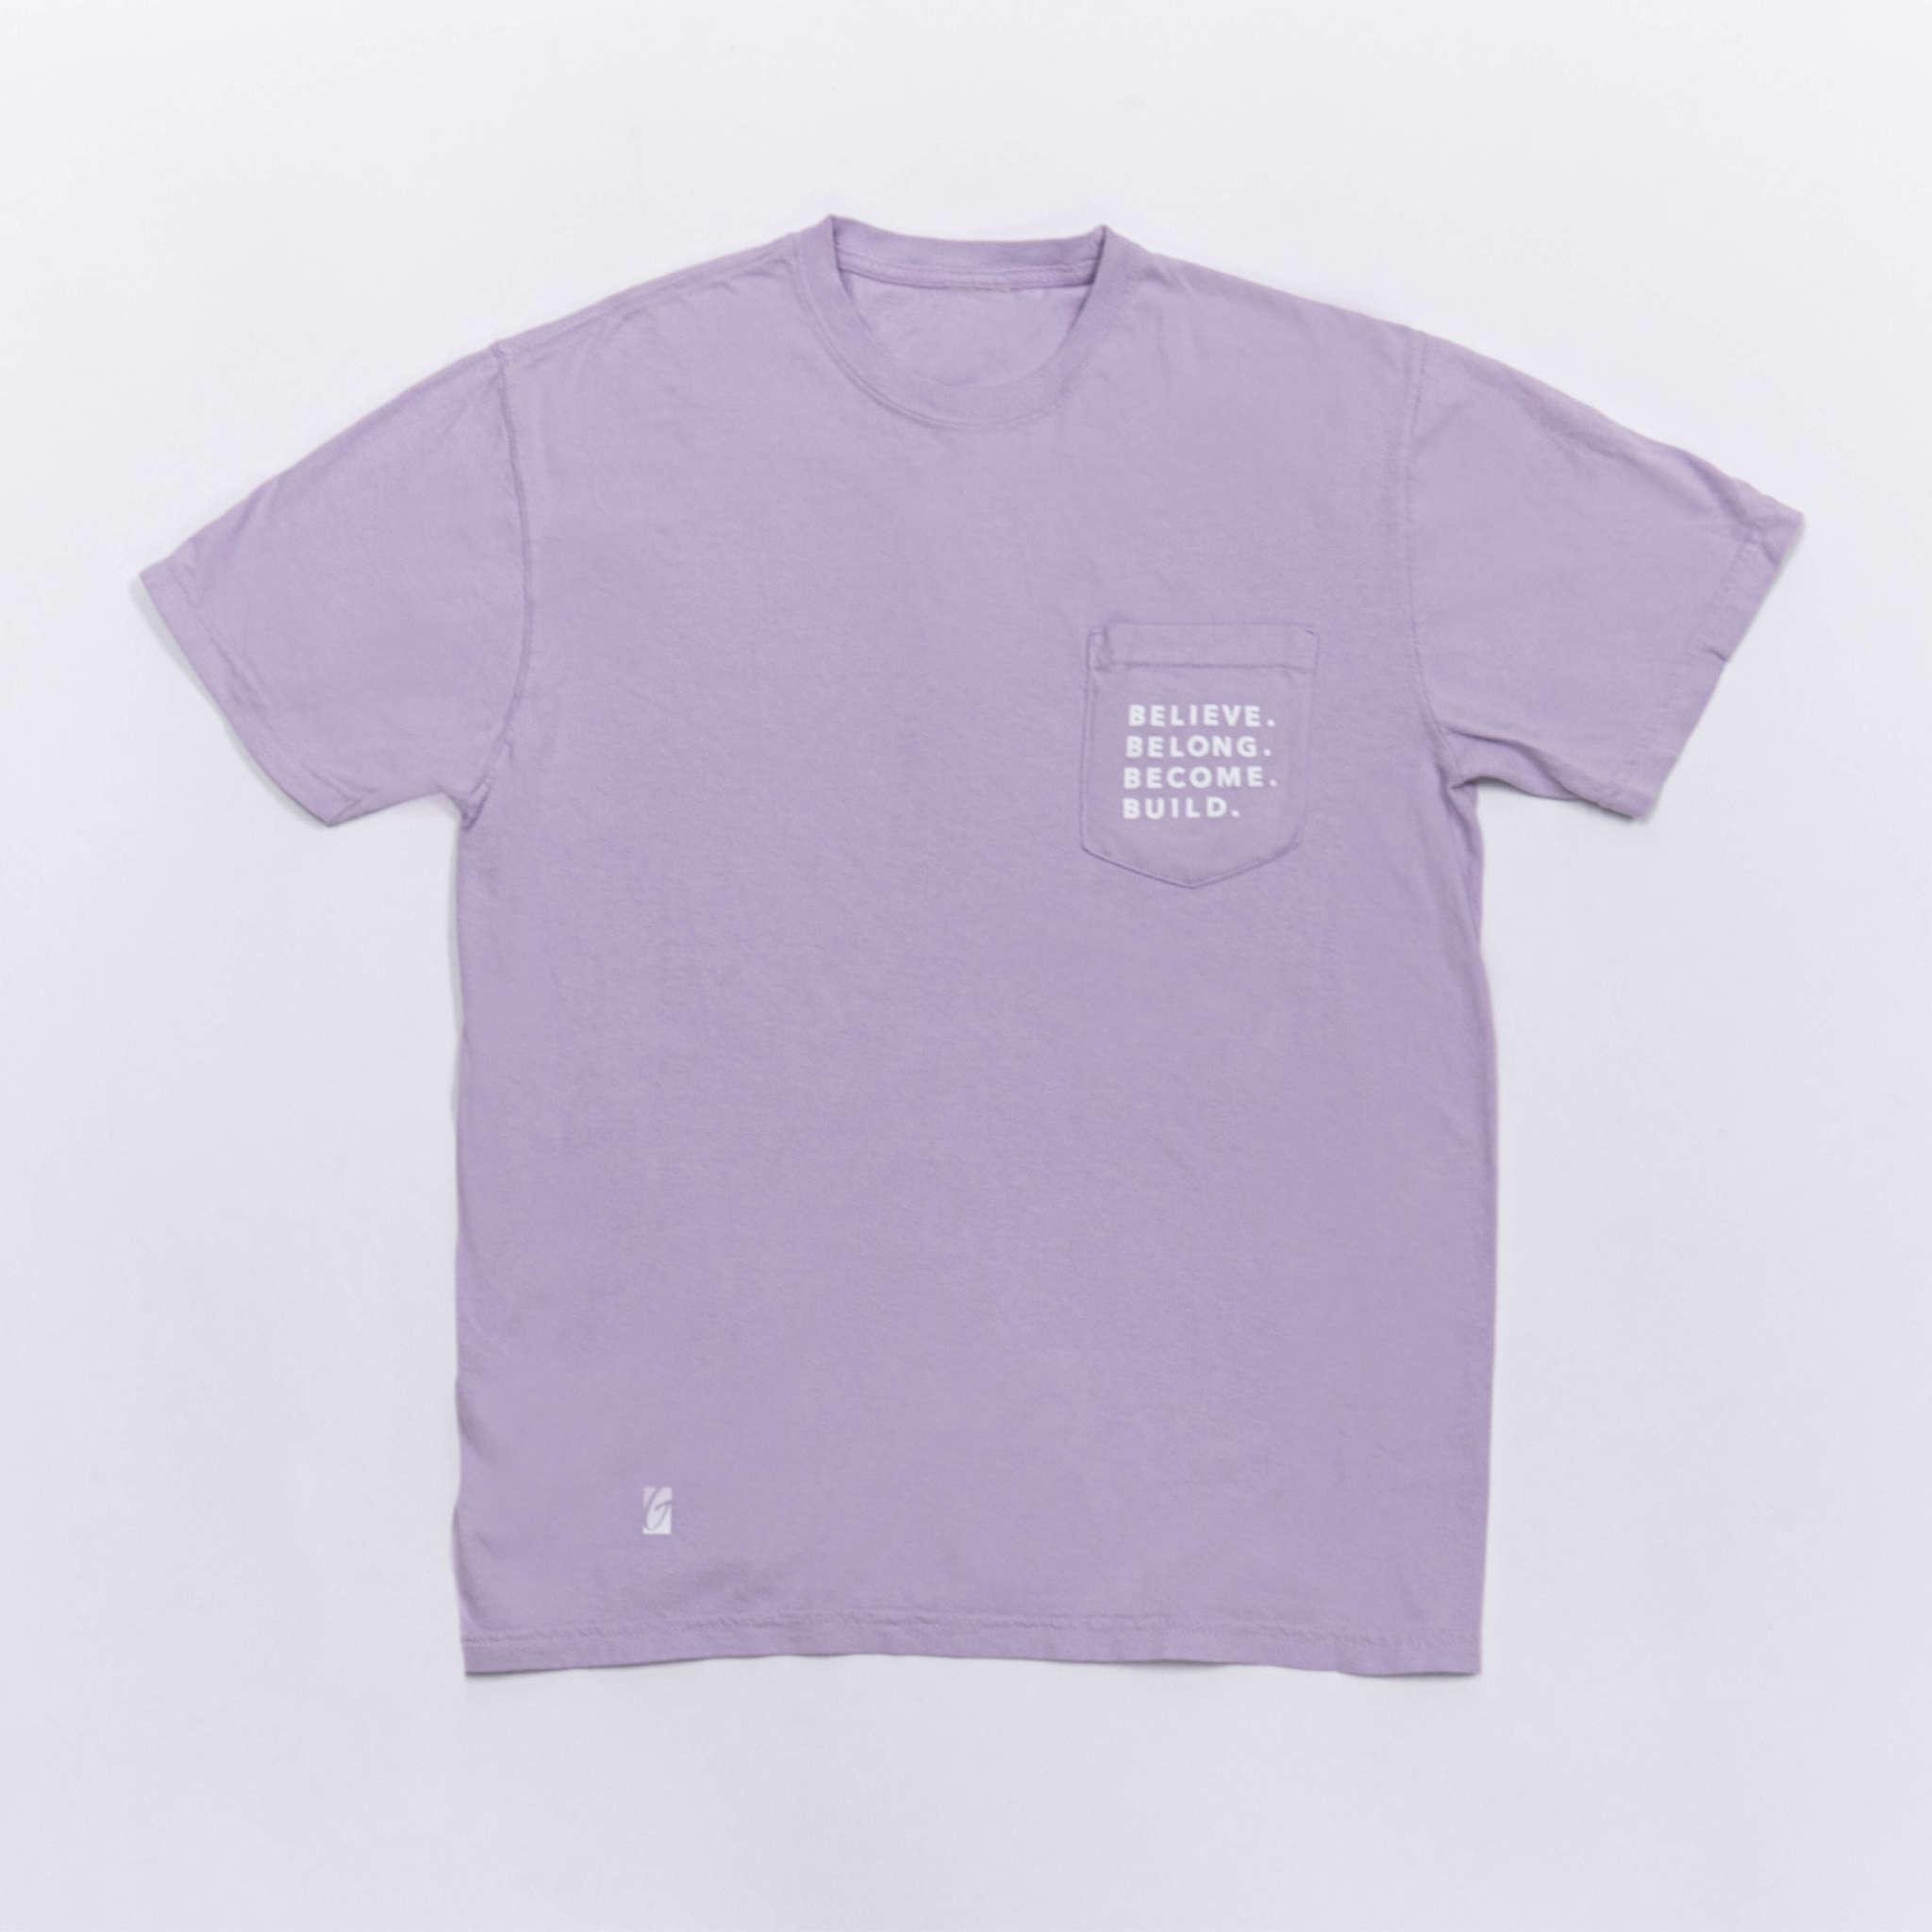 Tee - Believe Belong Become Build Purple